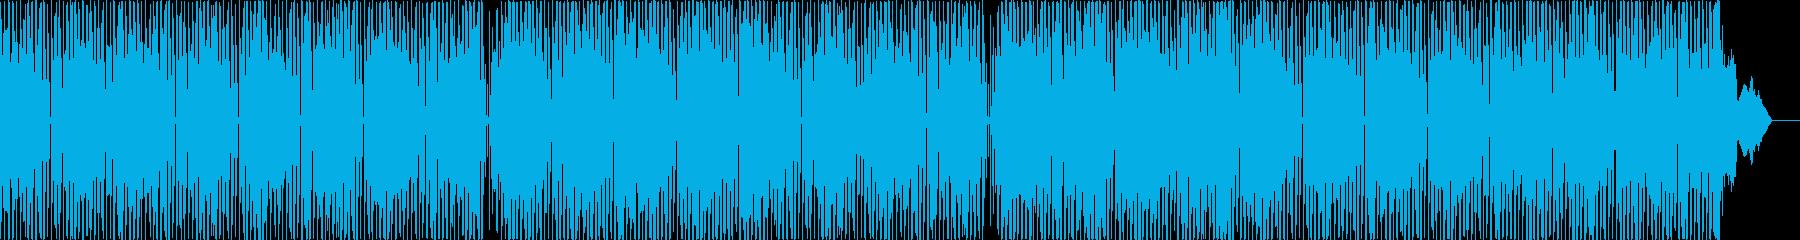 家。の再生済みの波形